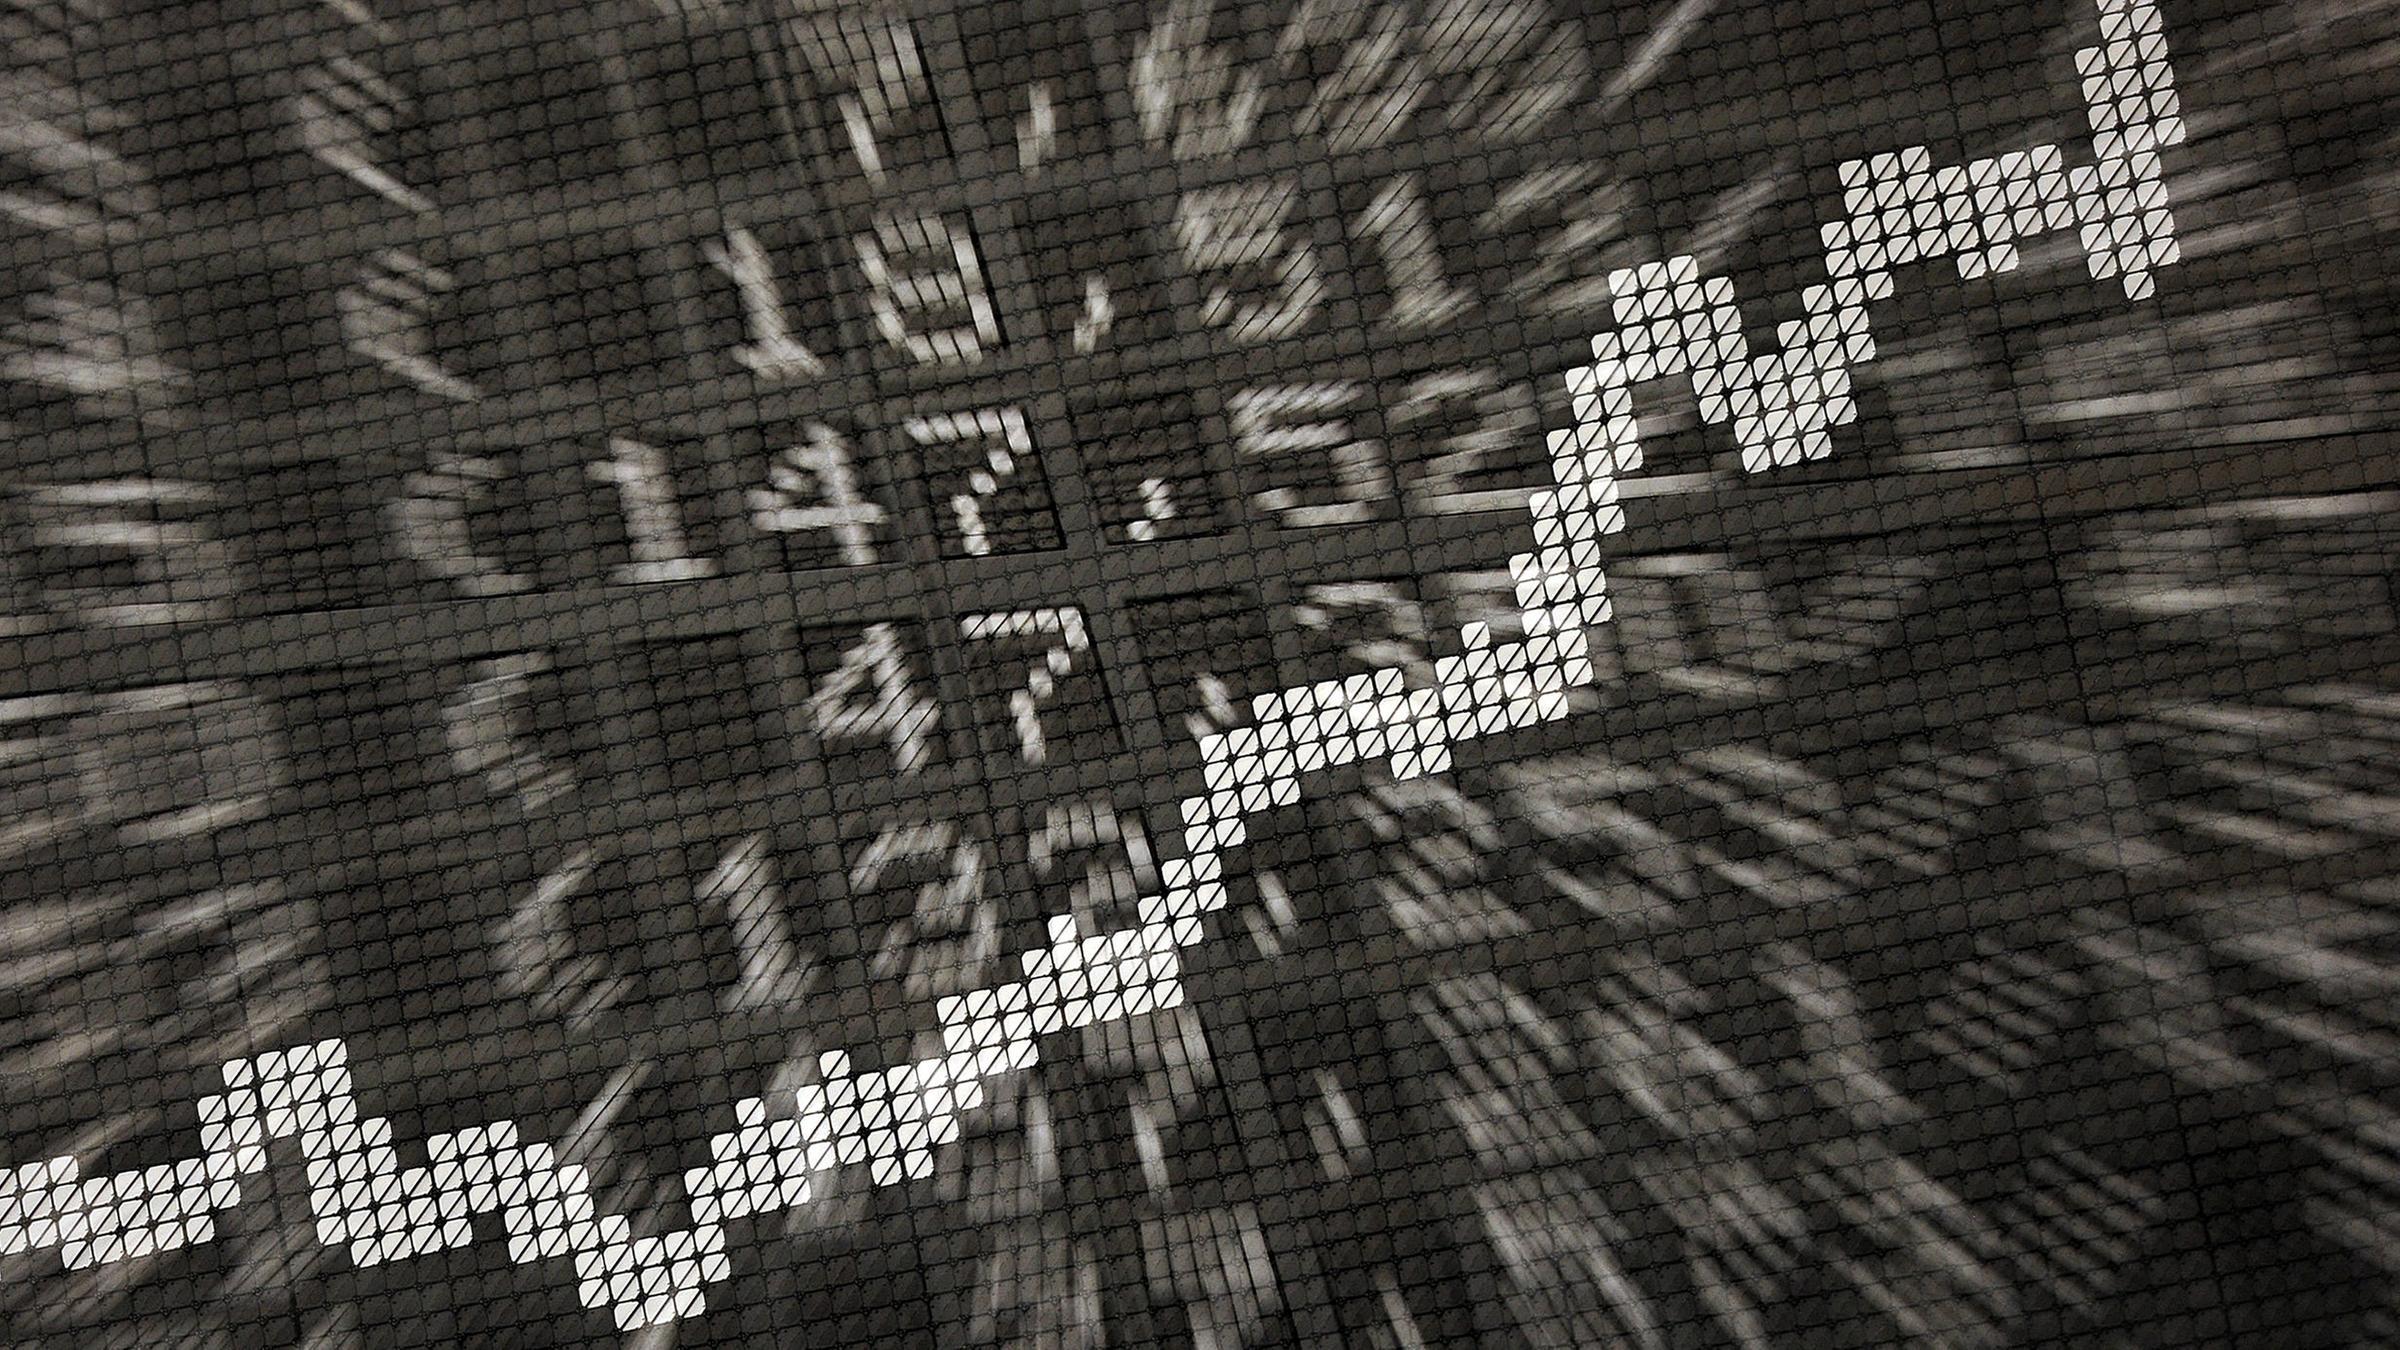 börsen kurse